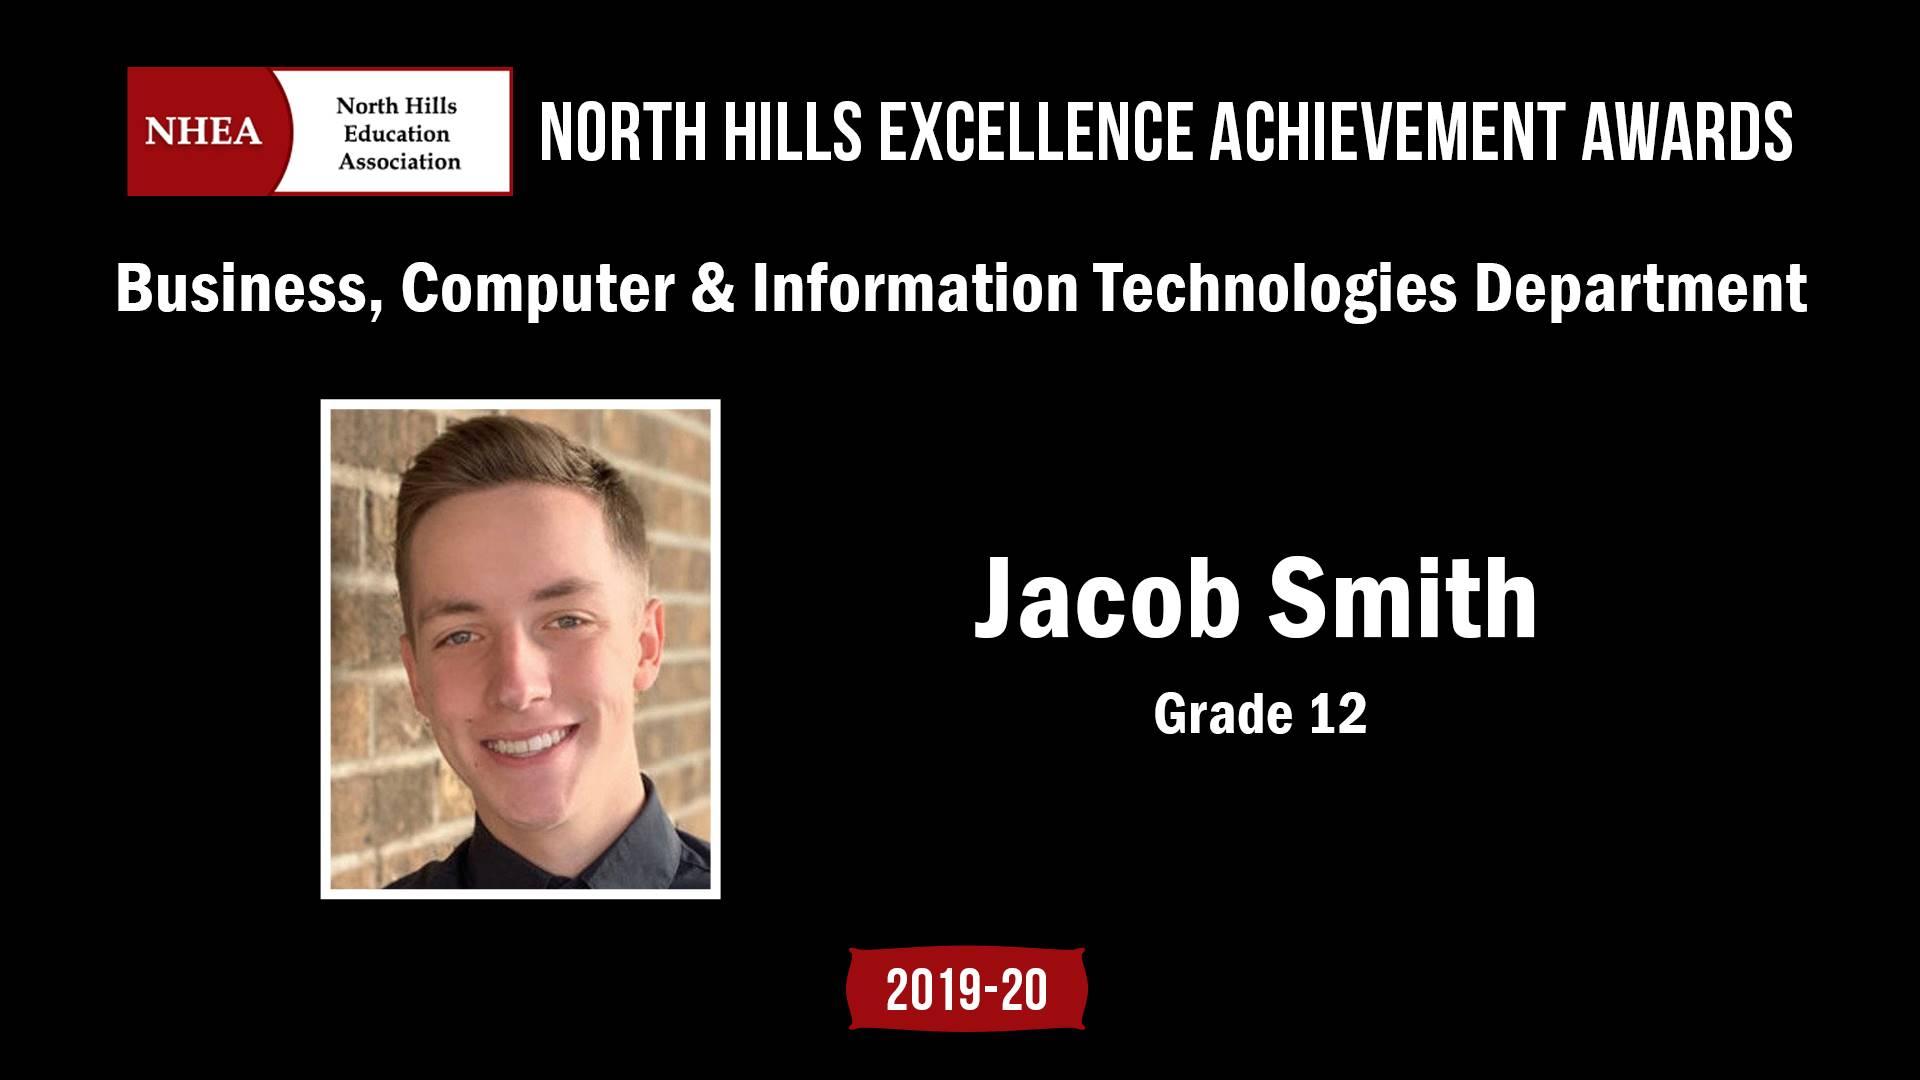 2019-20 NHEA Excellence Achievement Award winners